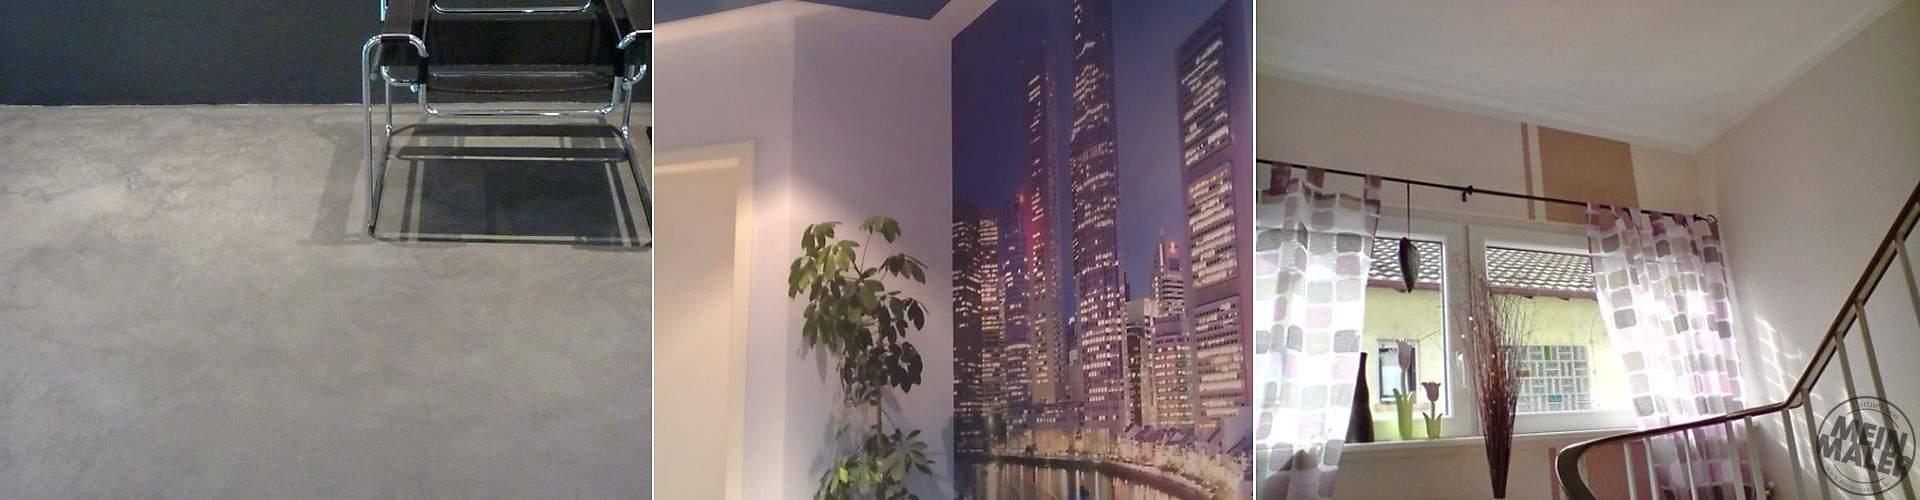 Treppenhaus Wandgestaltung Fototapete Bodenbelag Kalkboden Mannheim